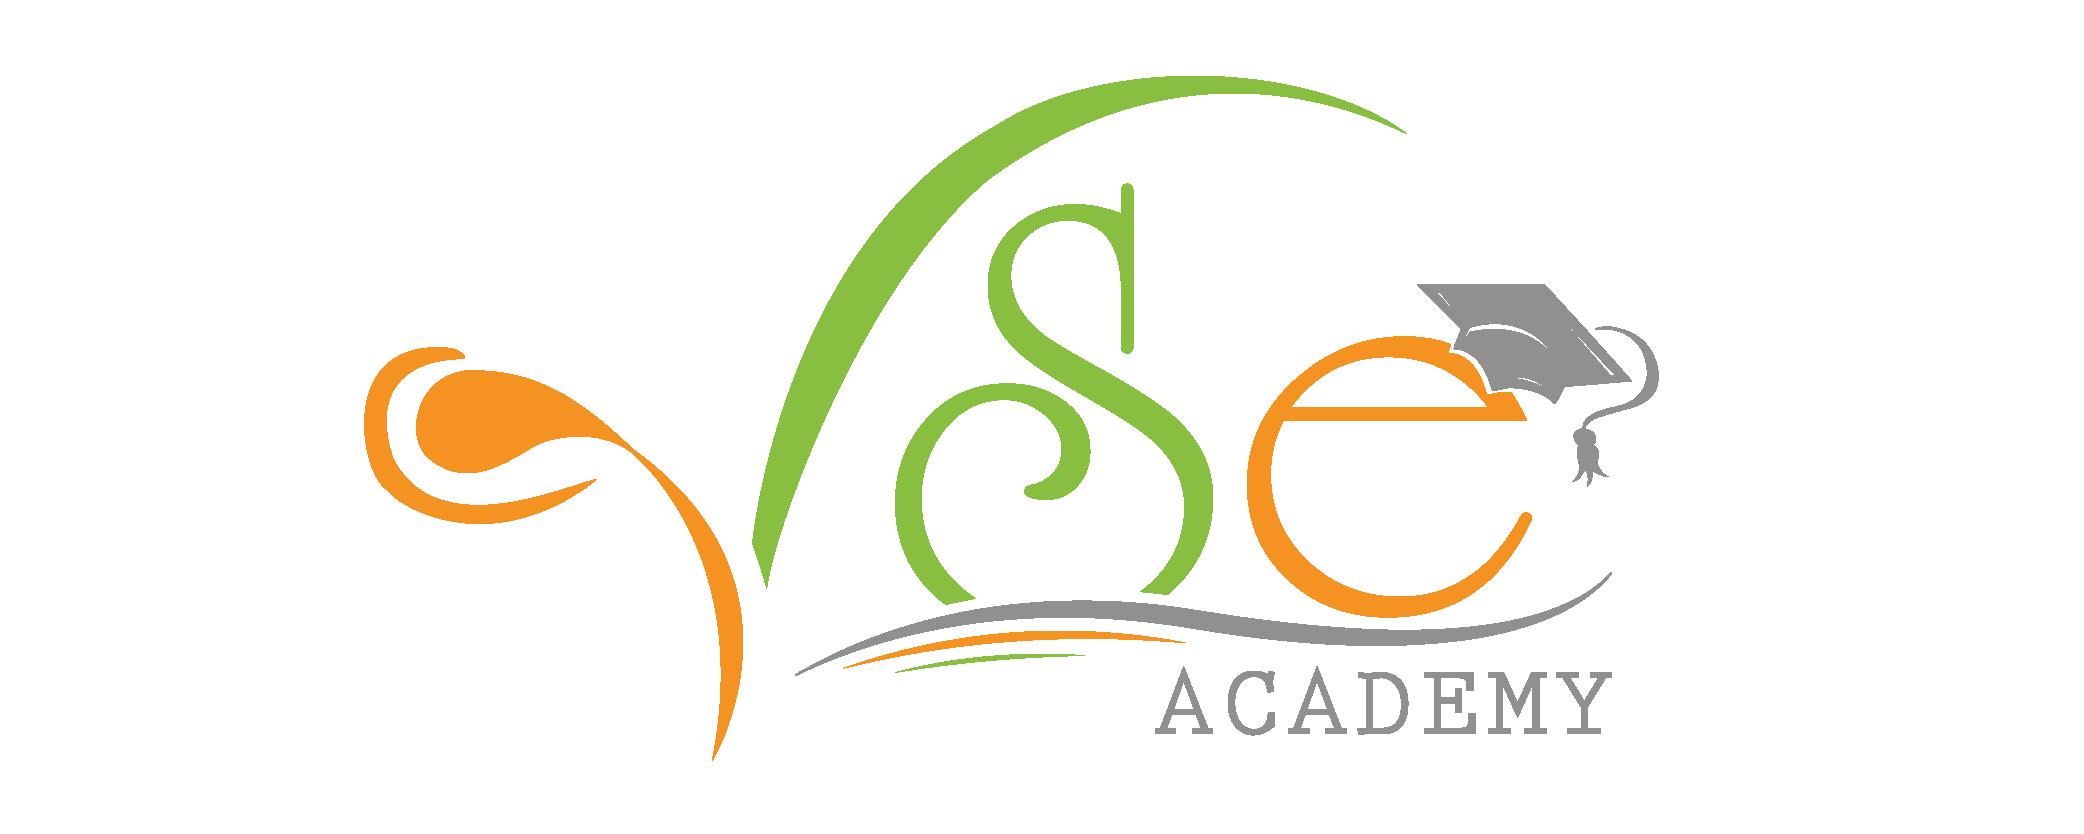 Trung tâm Đào tạo Spa Việt <br/> Đơn vị chuyên đào tạo Chủ - Quản lý - Chuyên viên Spa